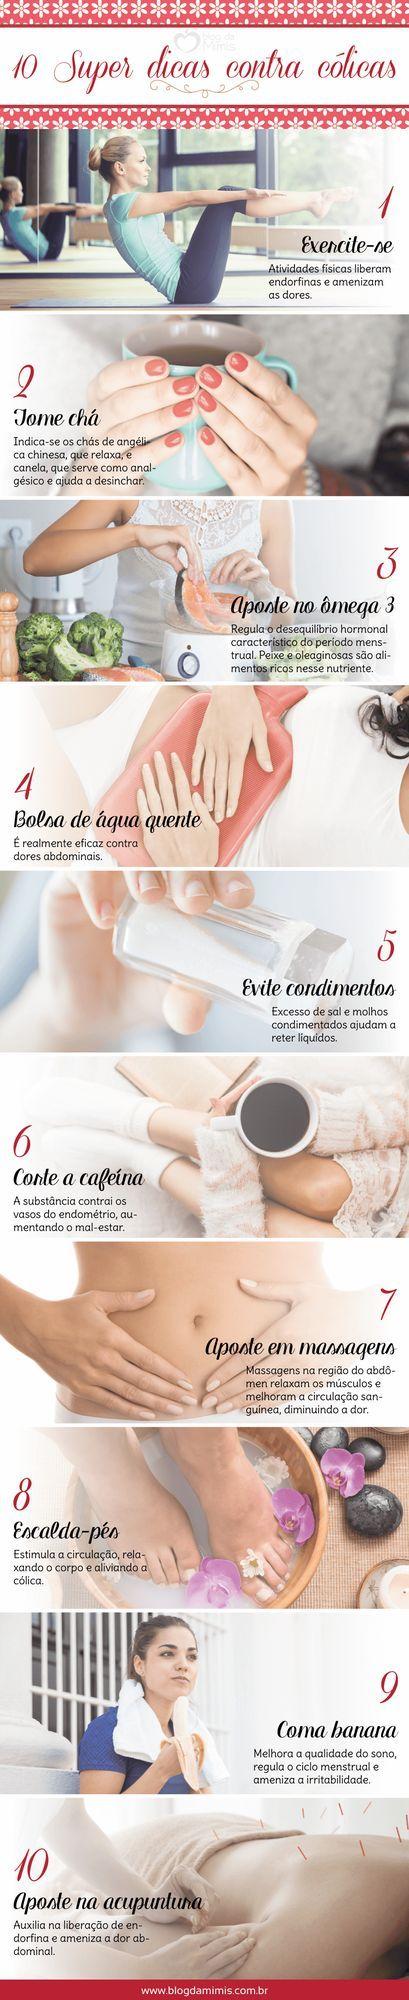 10 Super dicas contra cólicas